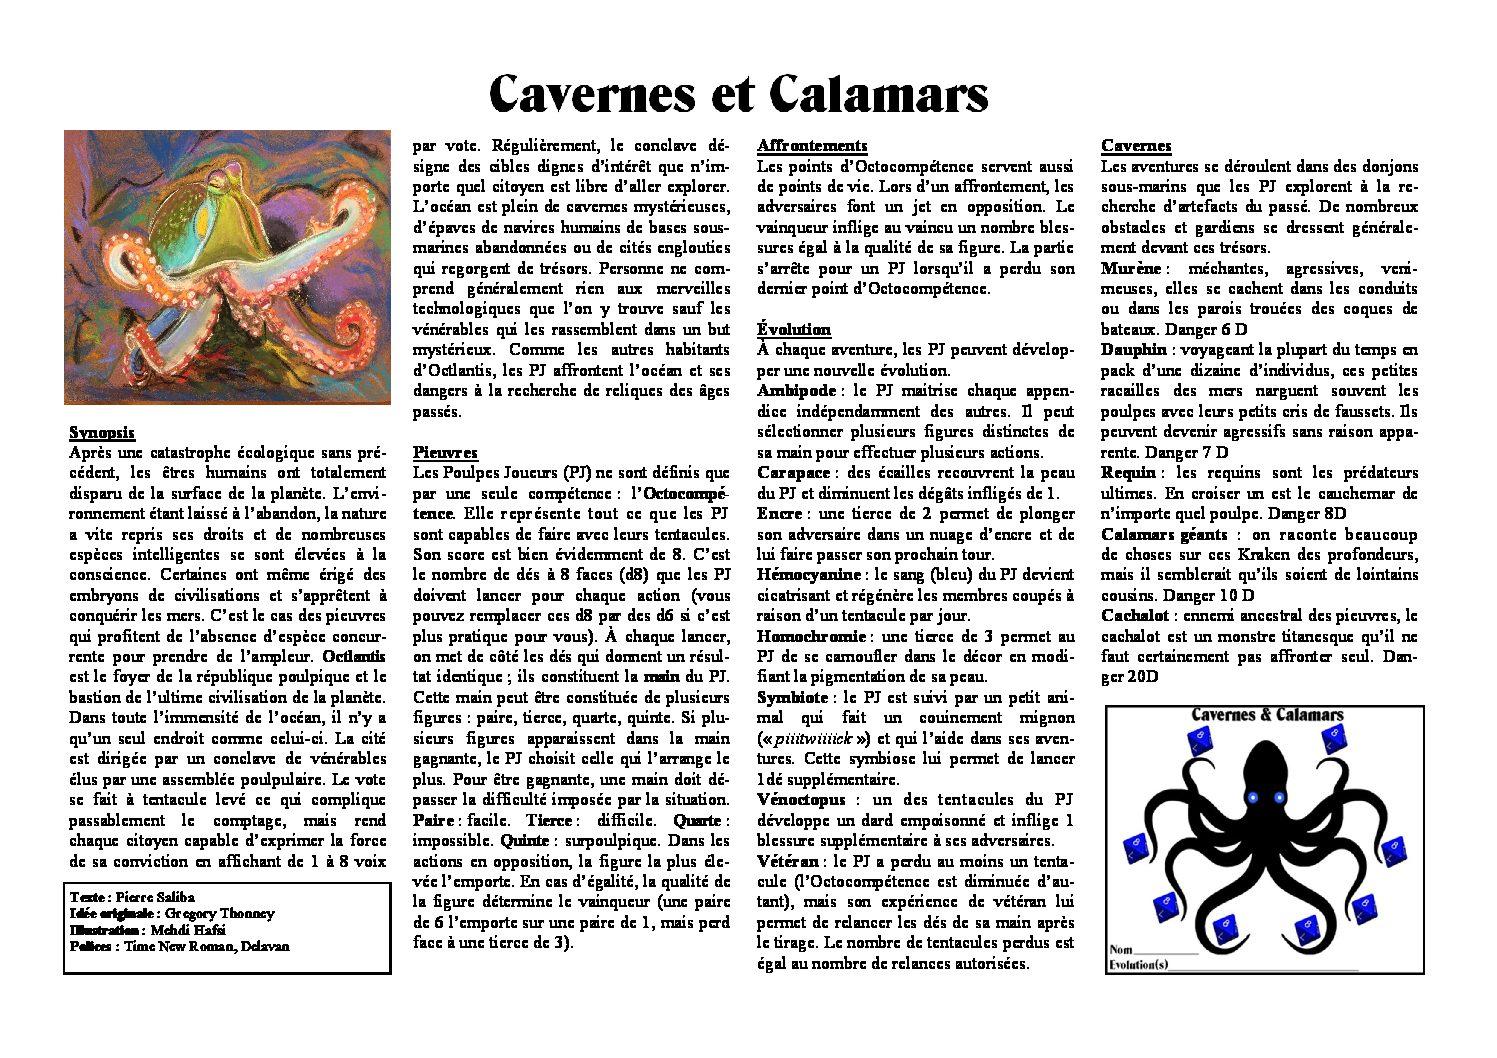 Cavernes & Calamars